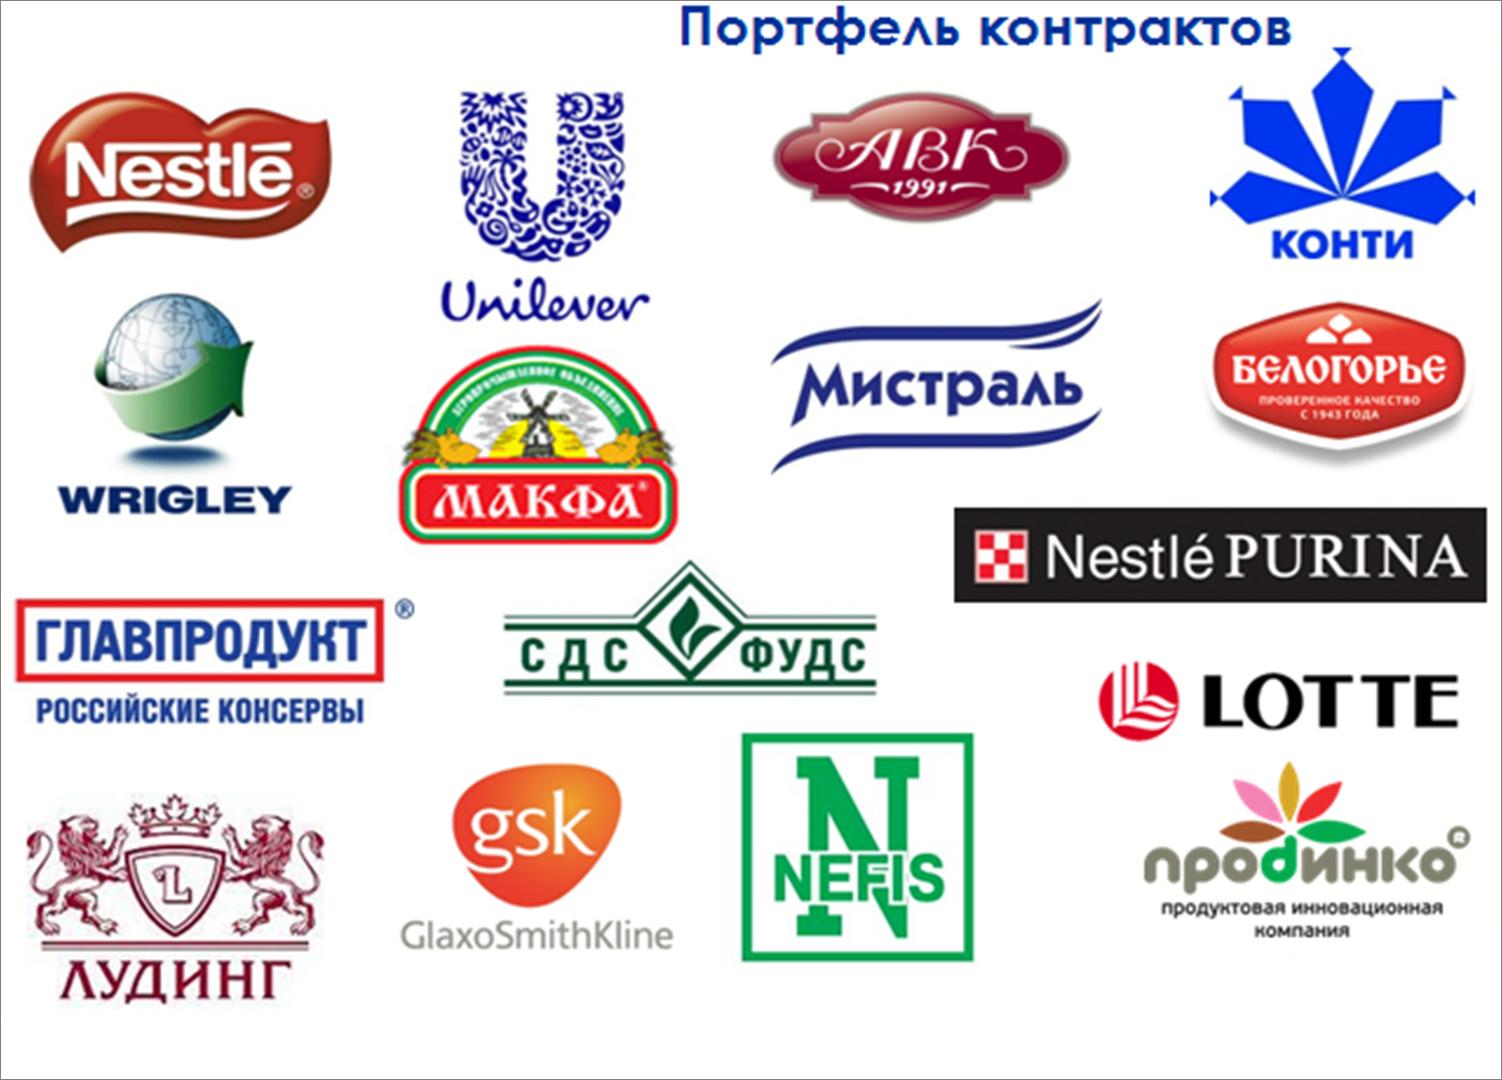 дистрибьютор продуктов здорового питания